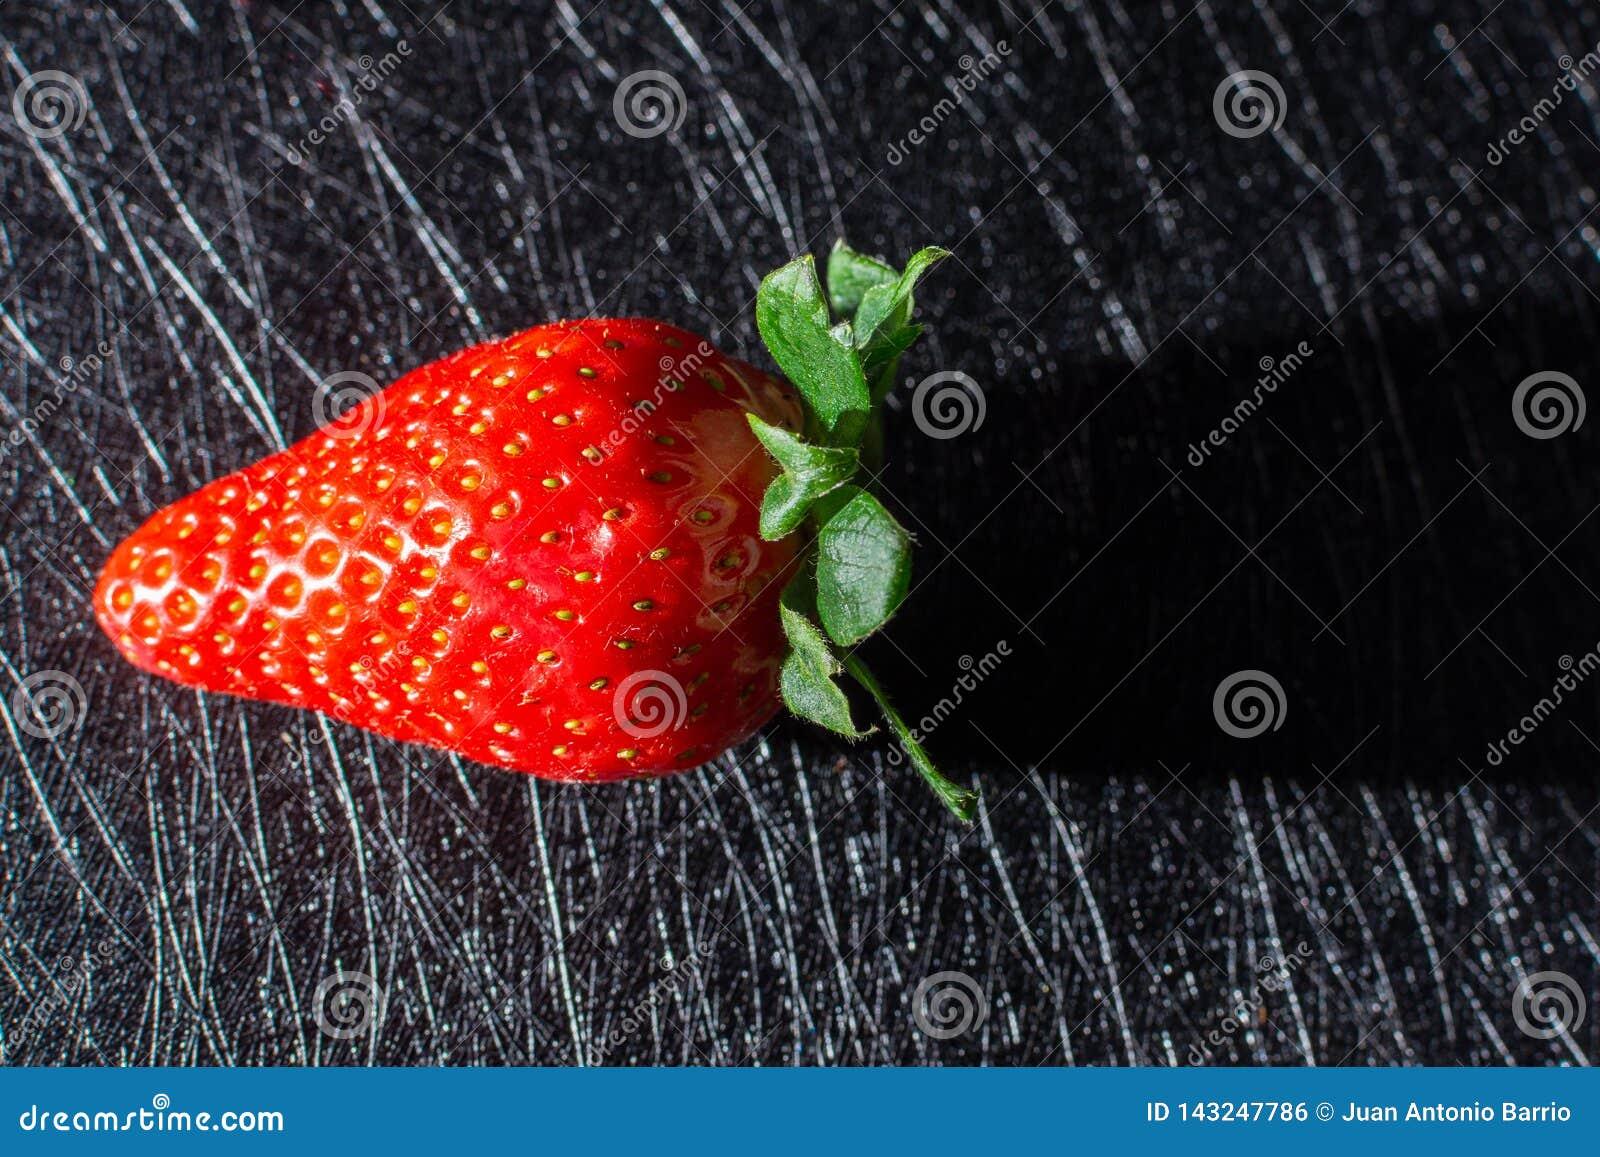 射出它的阴影的草莓隔绝在与黑纹理的背景中